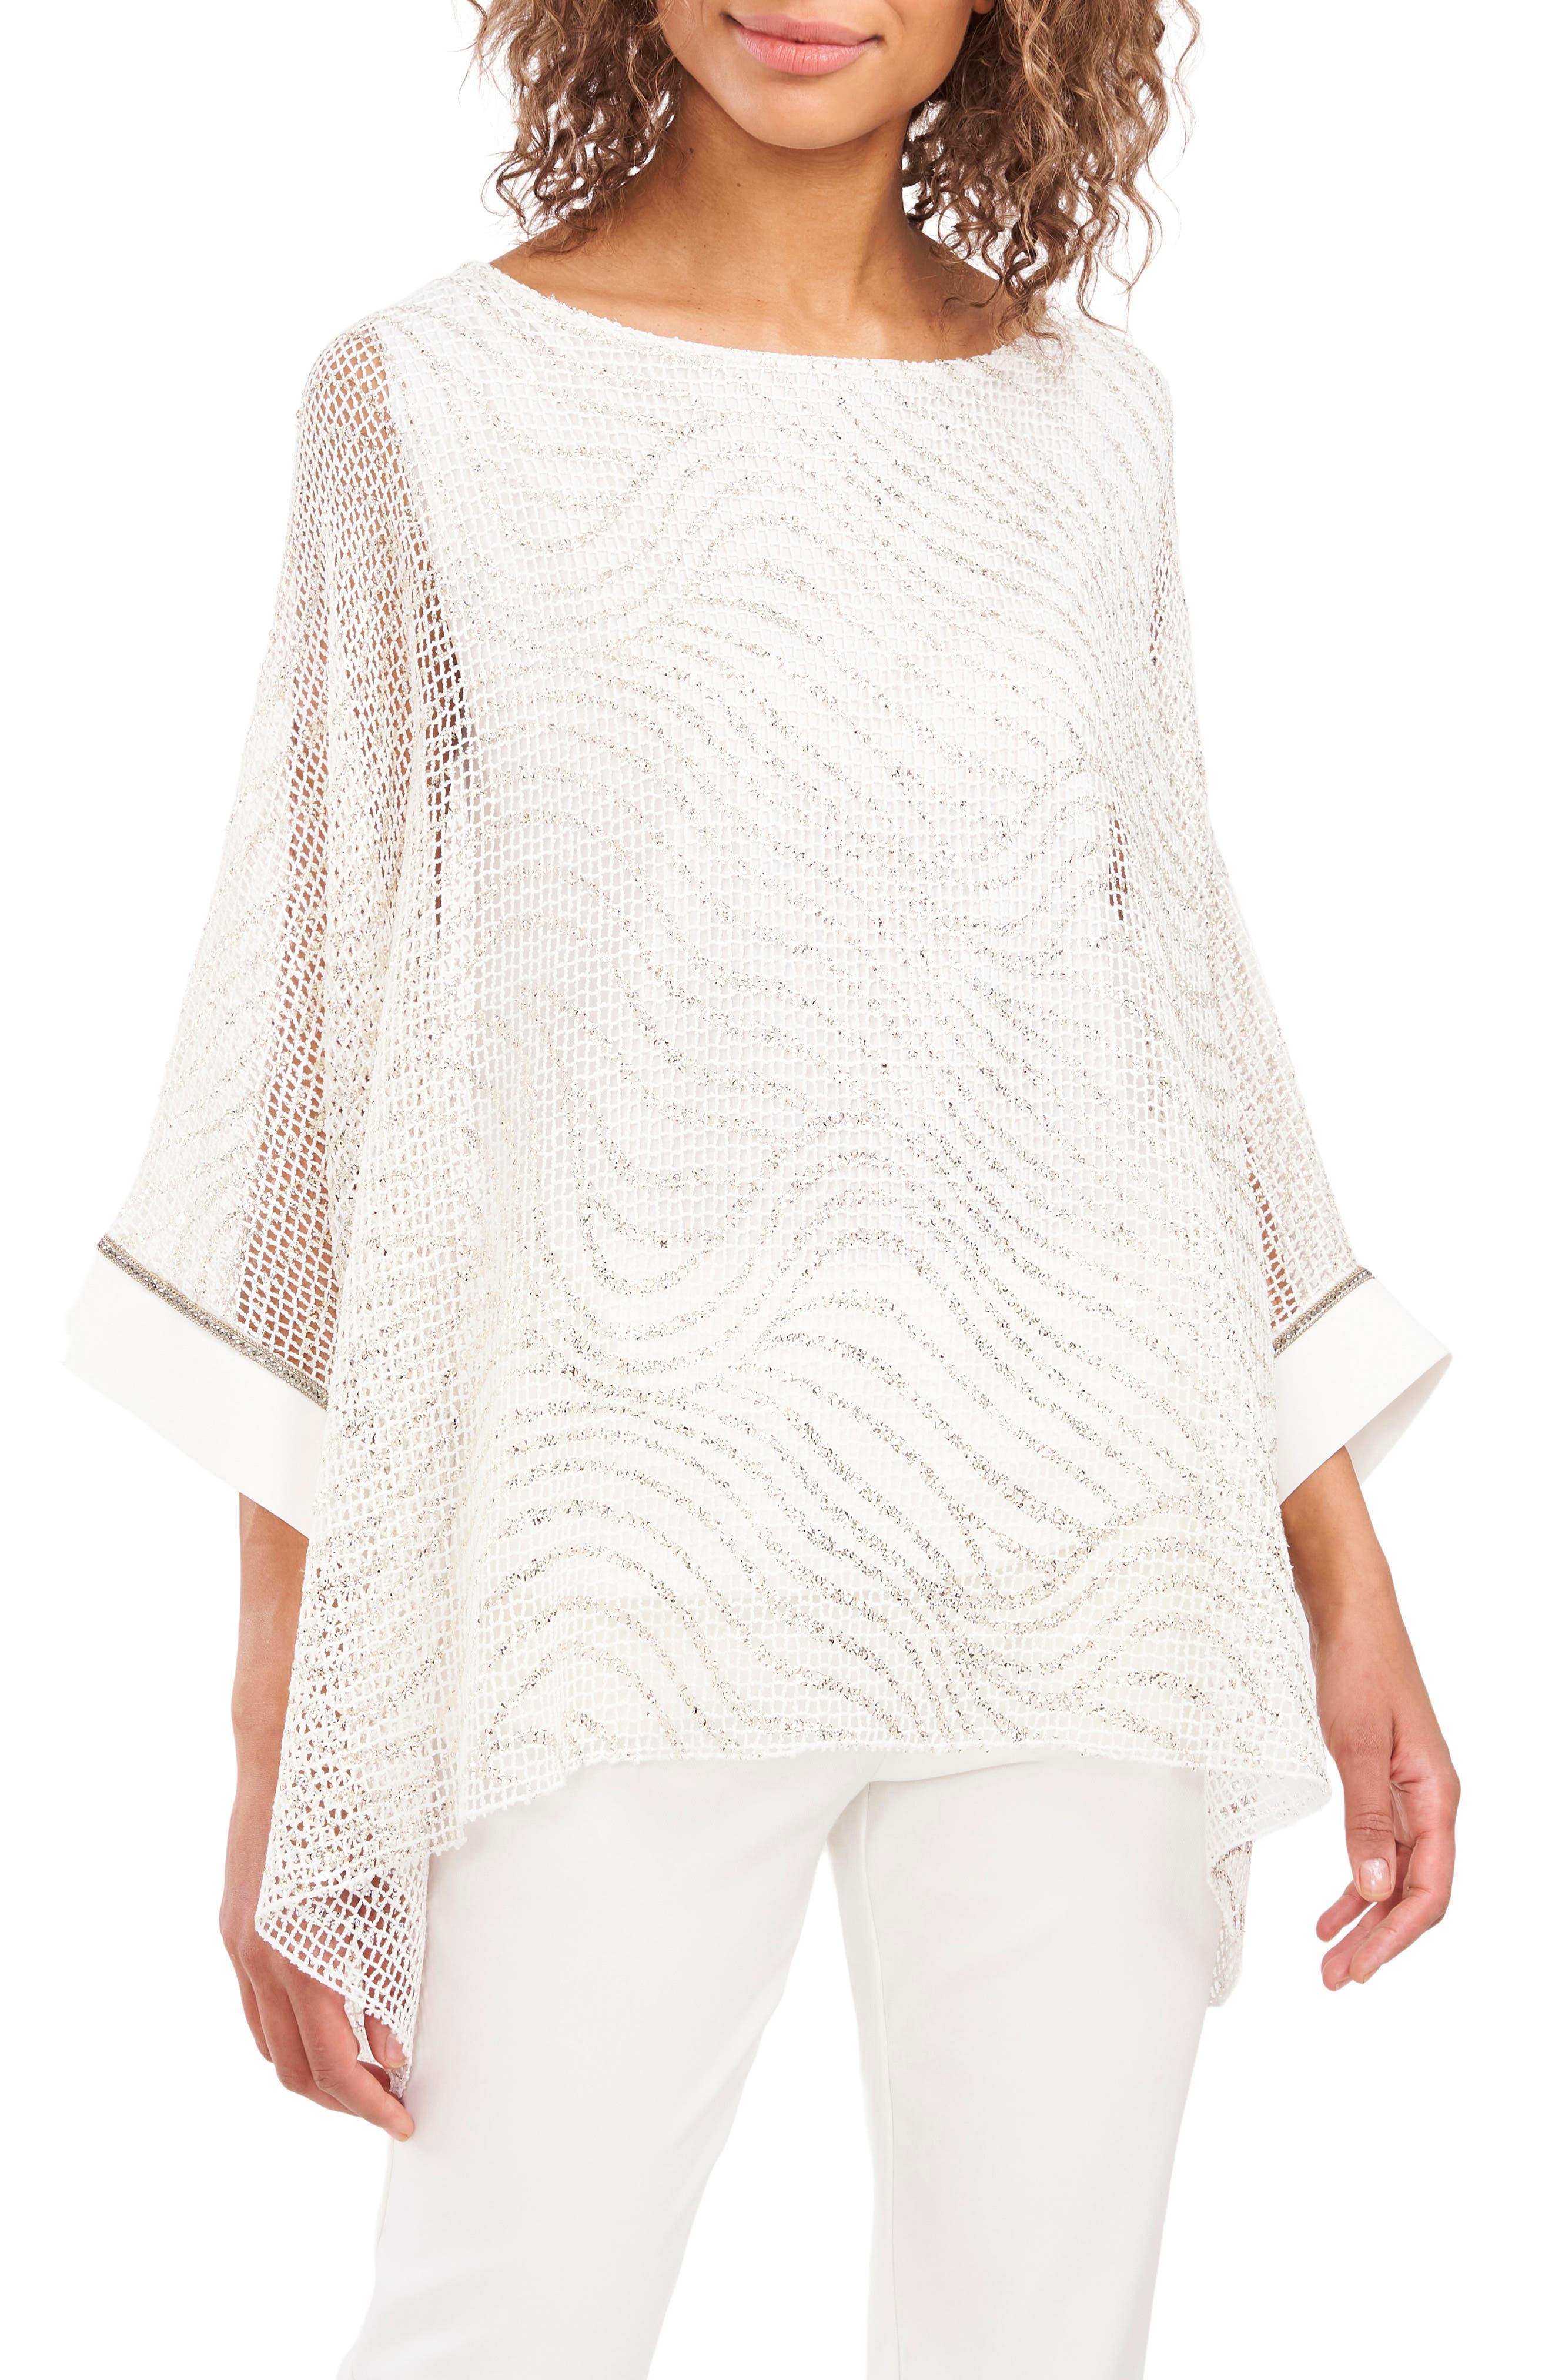 Metallic Knit Tunic Top